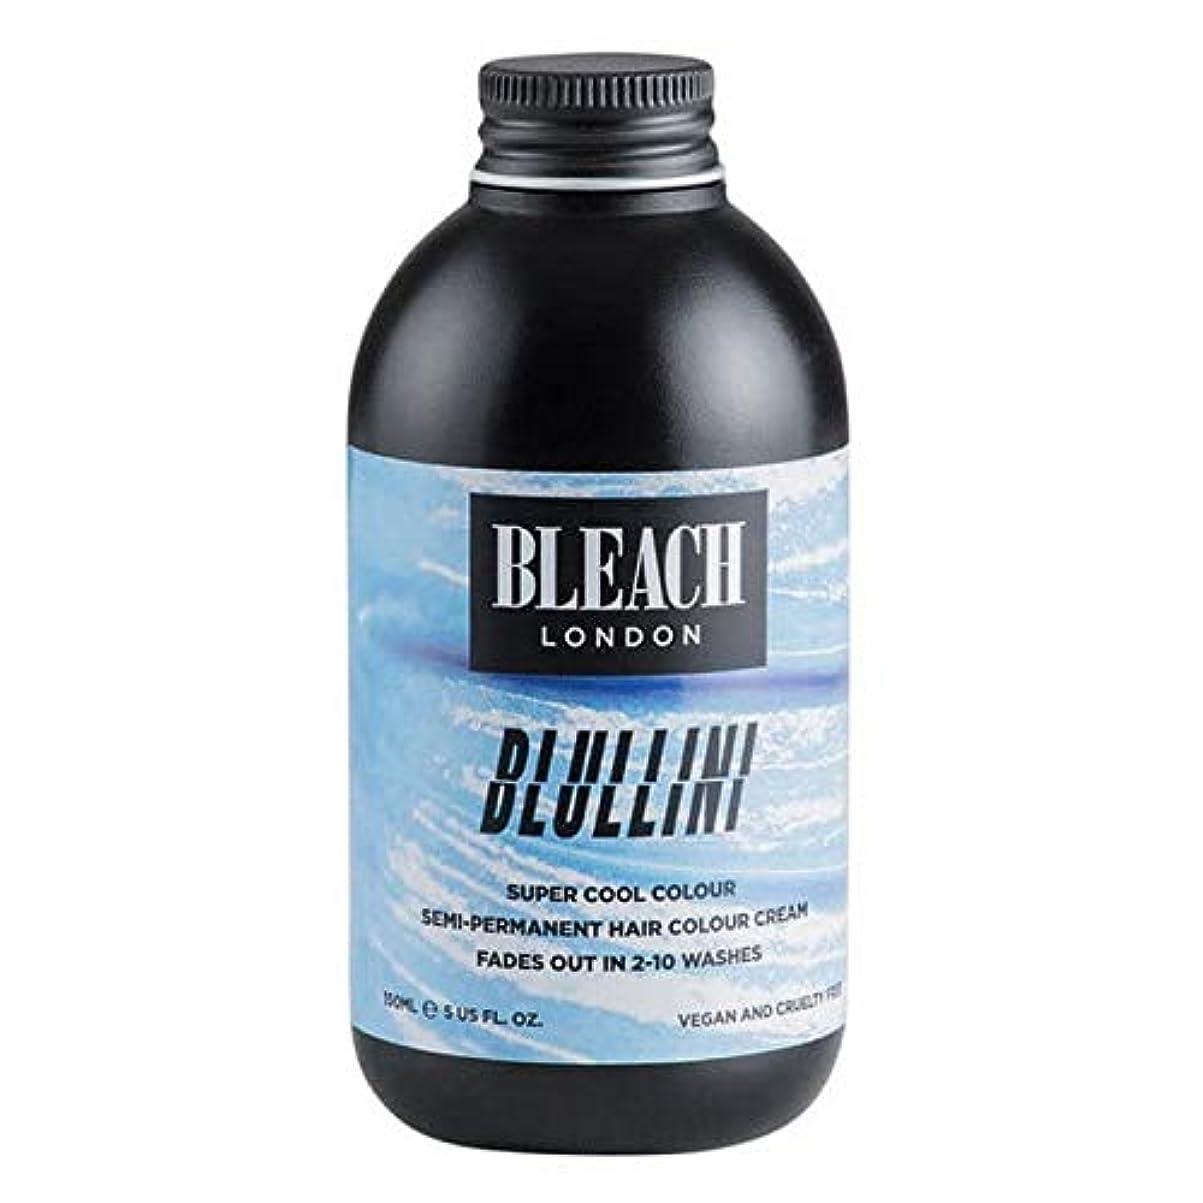 喉頭飛行機文明化[Bleach London ] 漂白ロンドン超クールなカラーBlullini - Bleach London Super Cool Colour Blullini [並行輸入品]